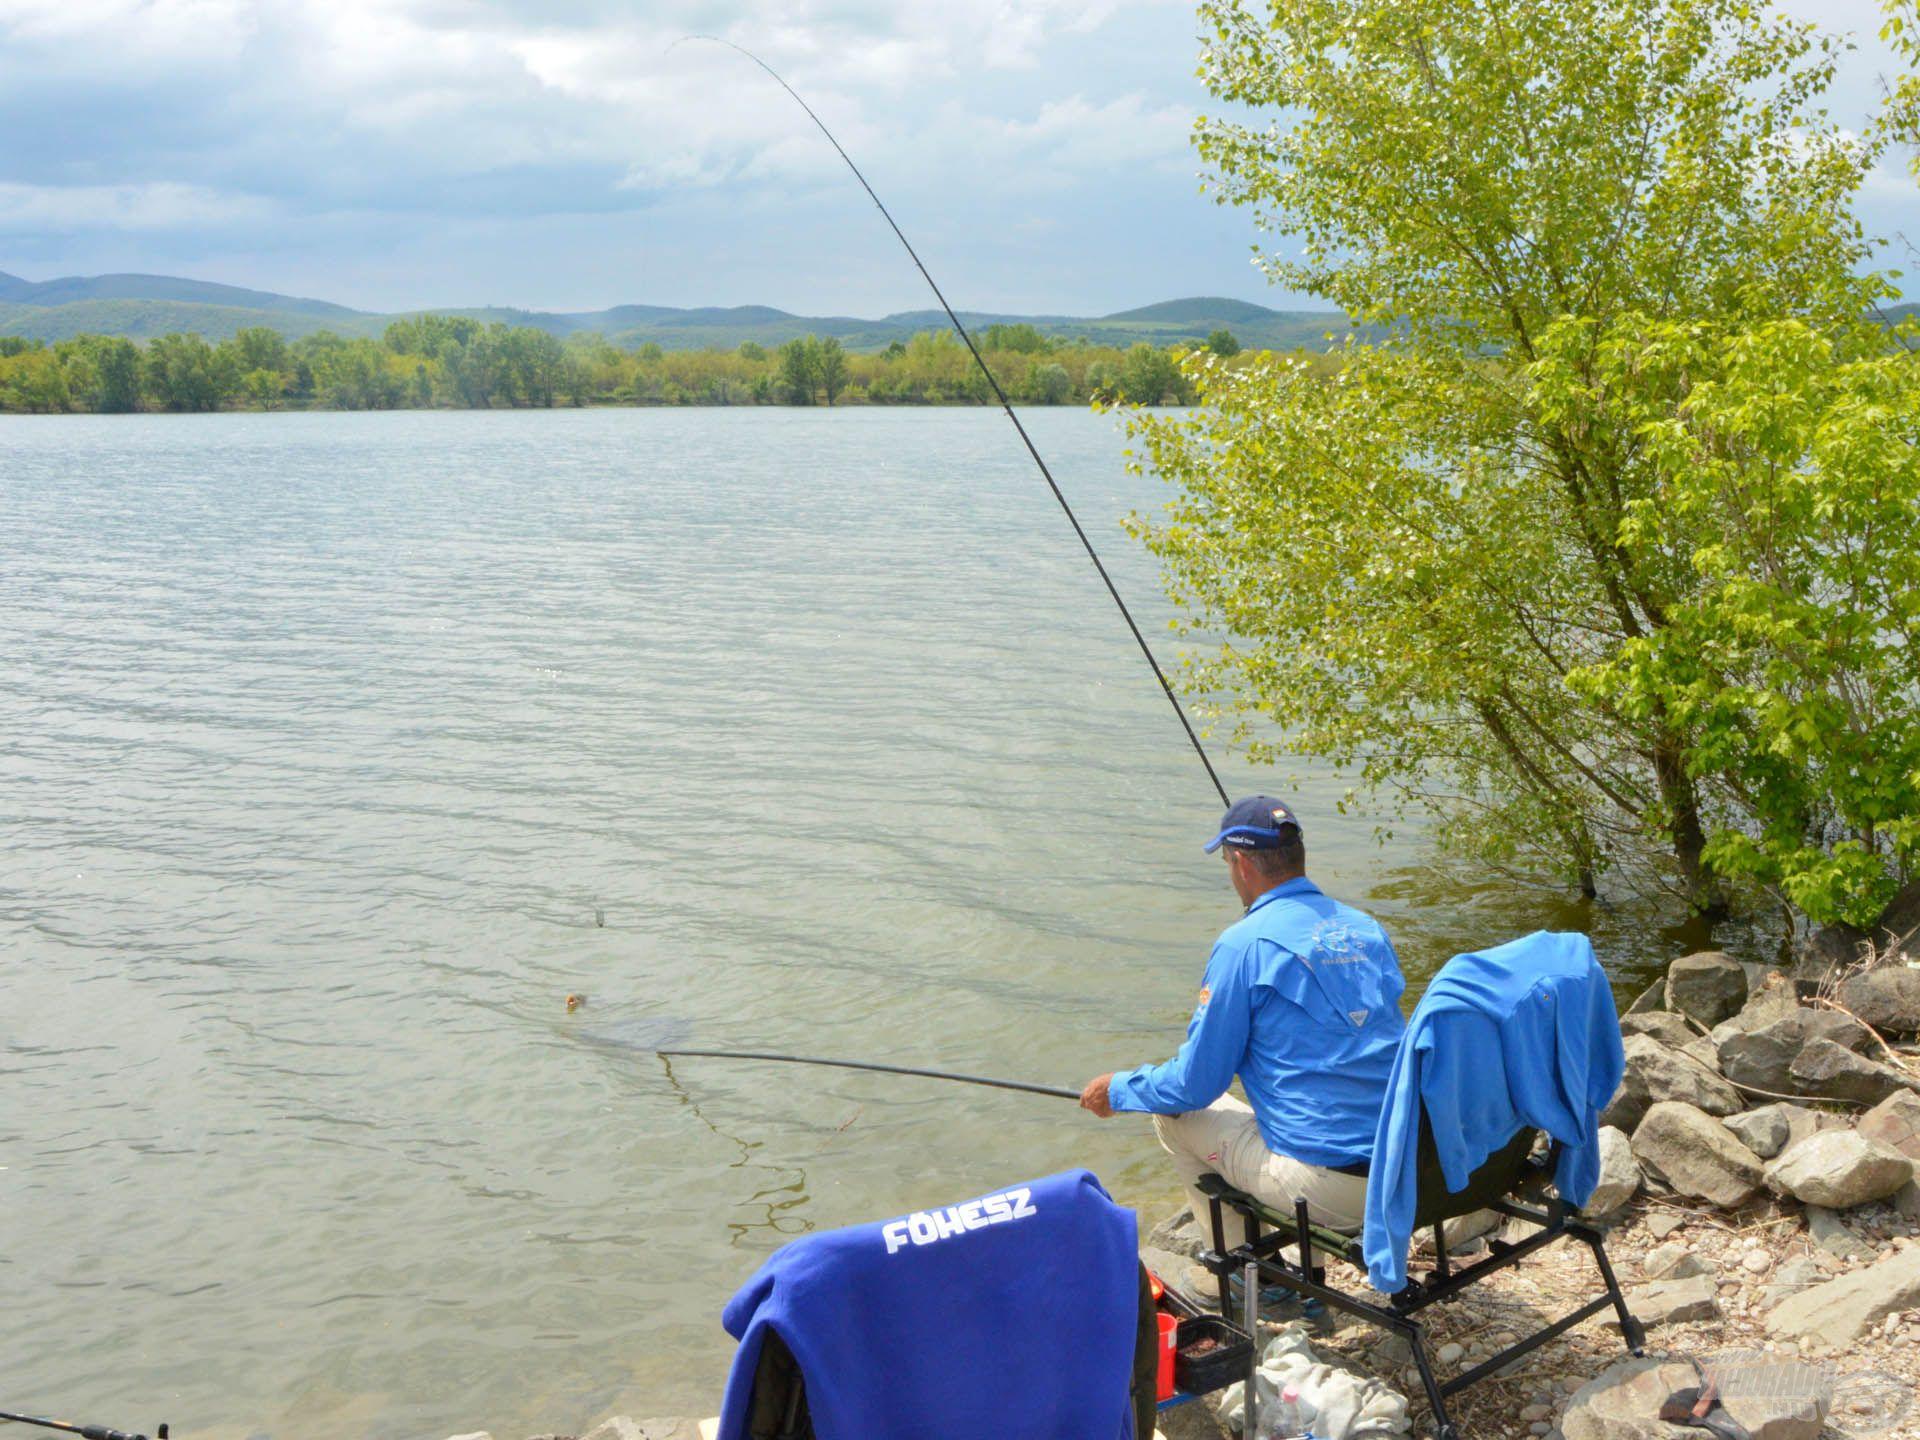 Ahogy egyre több giliszta került a horgászhelyre, úgy nőtt a halak mérete is